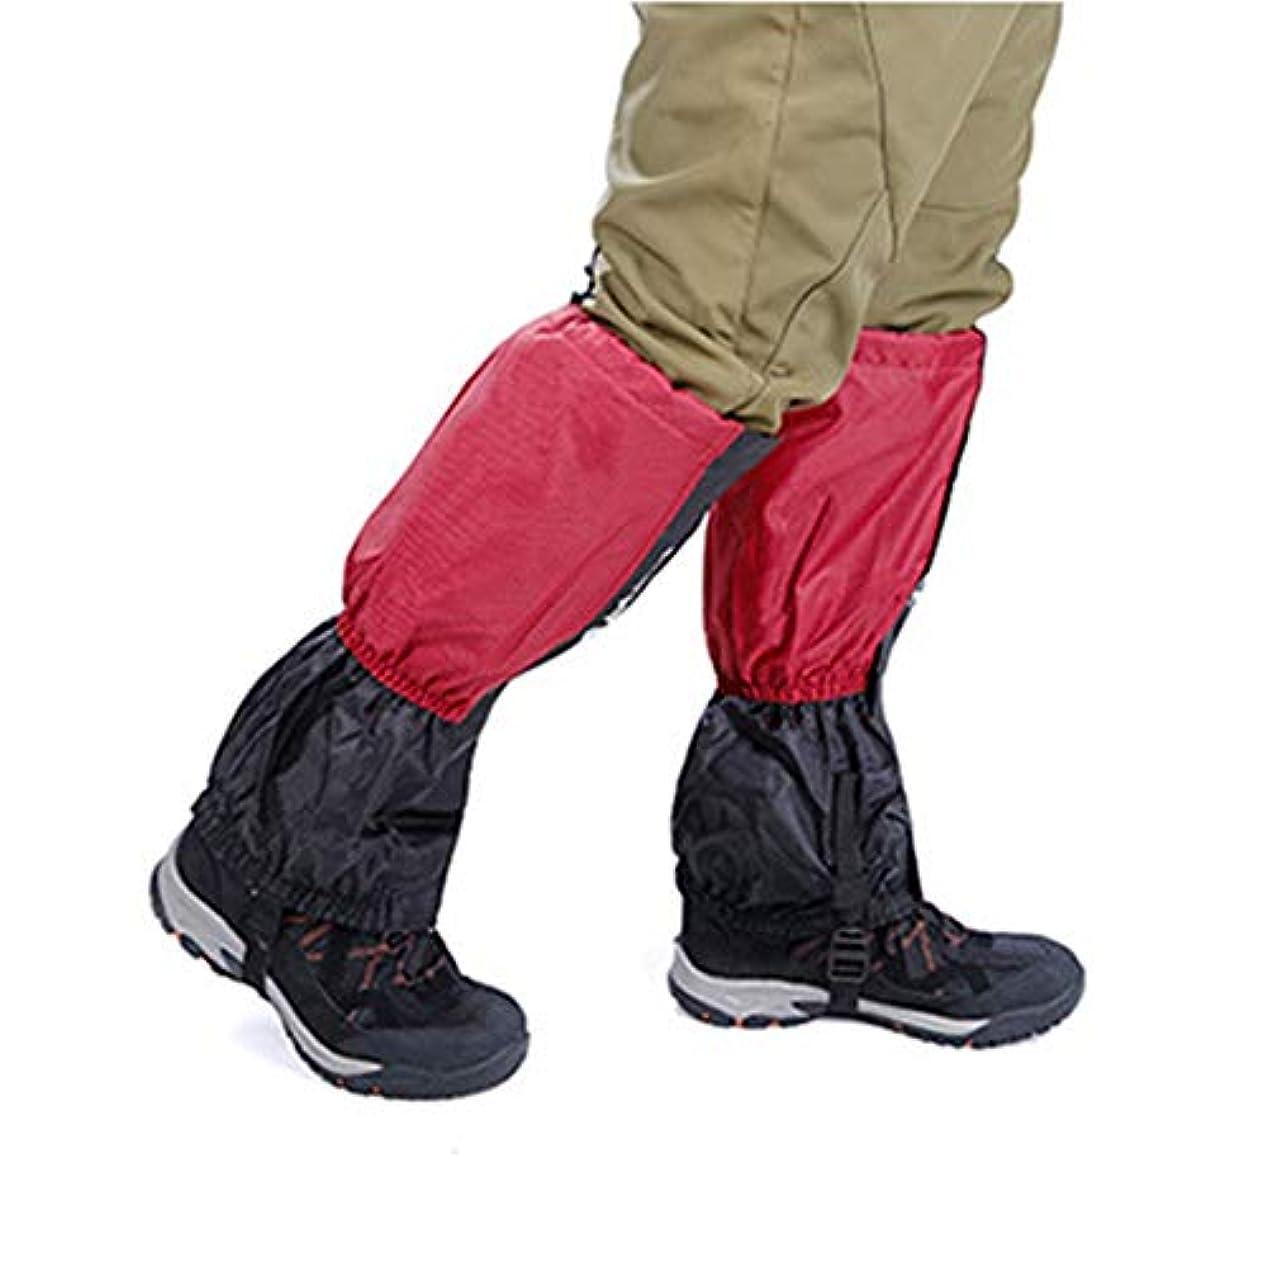 繕うベーシックカリキュラム防水オーバーシューズ 防水ハイキングゲイター耐久性のあるレギンスゲイター通気性の高いレッグカバーラップ用男性女性子供用マウンテントレッキングスキーウォーキング登山狩猟 - 1ペア防水靴カバー (色 : 赤, サイズ : Thick)